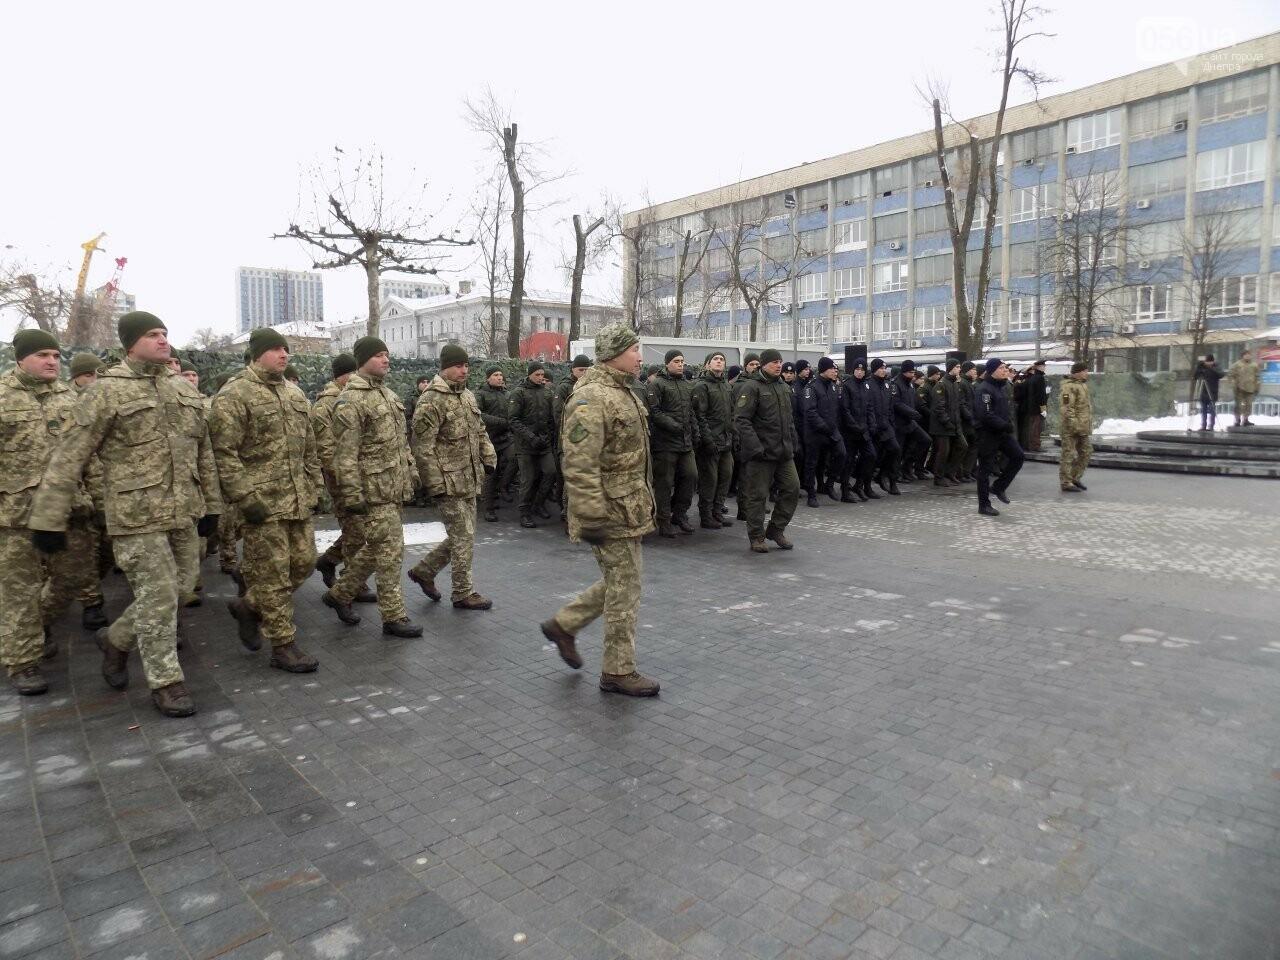 Выстрелы, военный оркестр и парад: как в Днепре проходит День памяти Героев Крут, - ФОТОРЕПОРТАЖ, фото-3